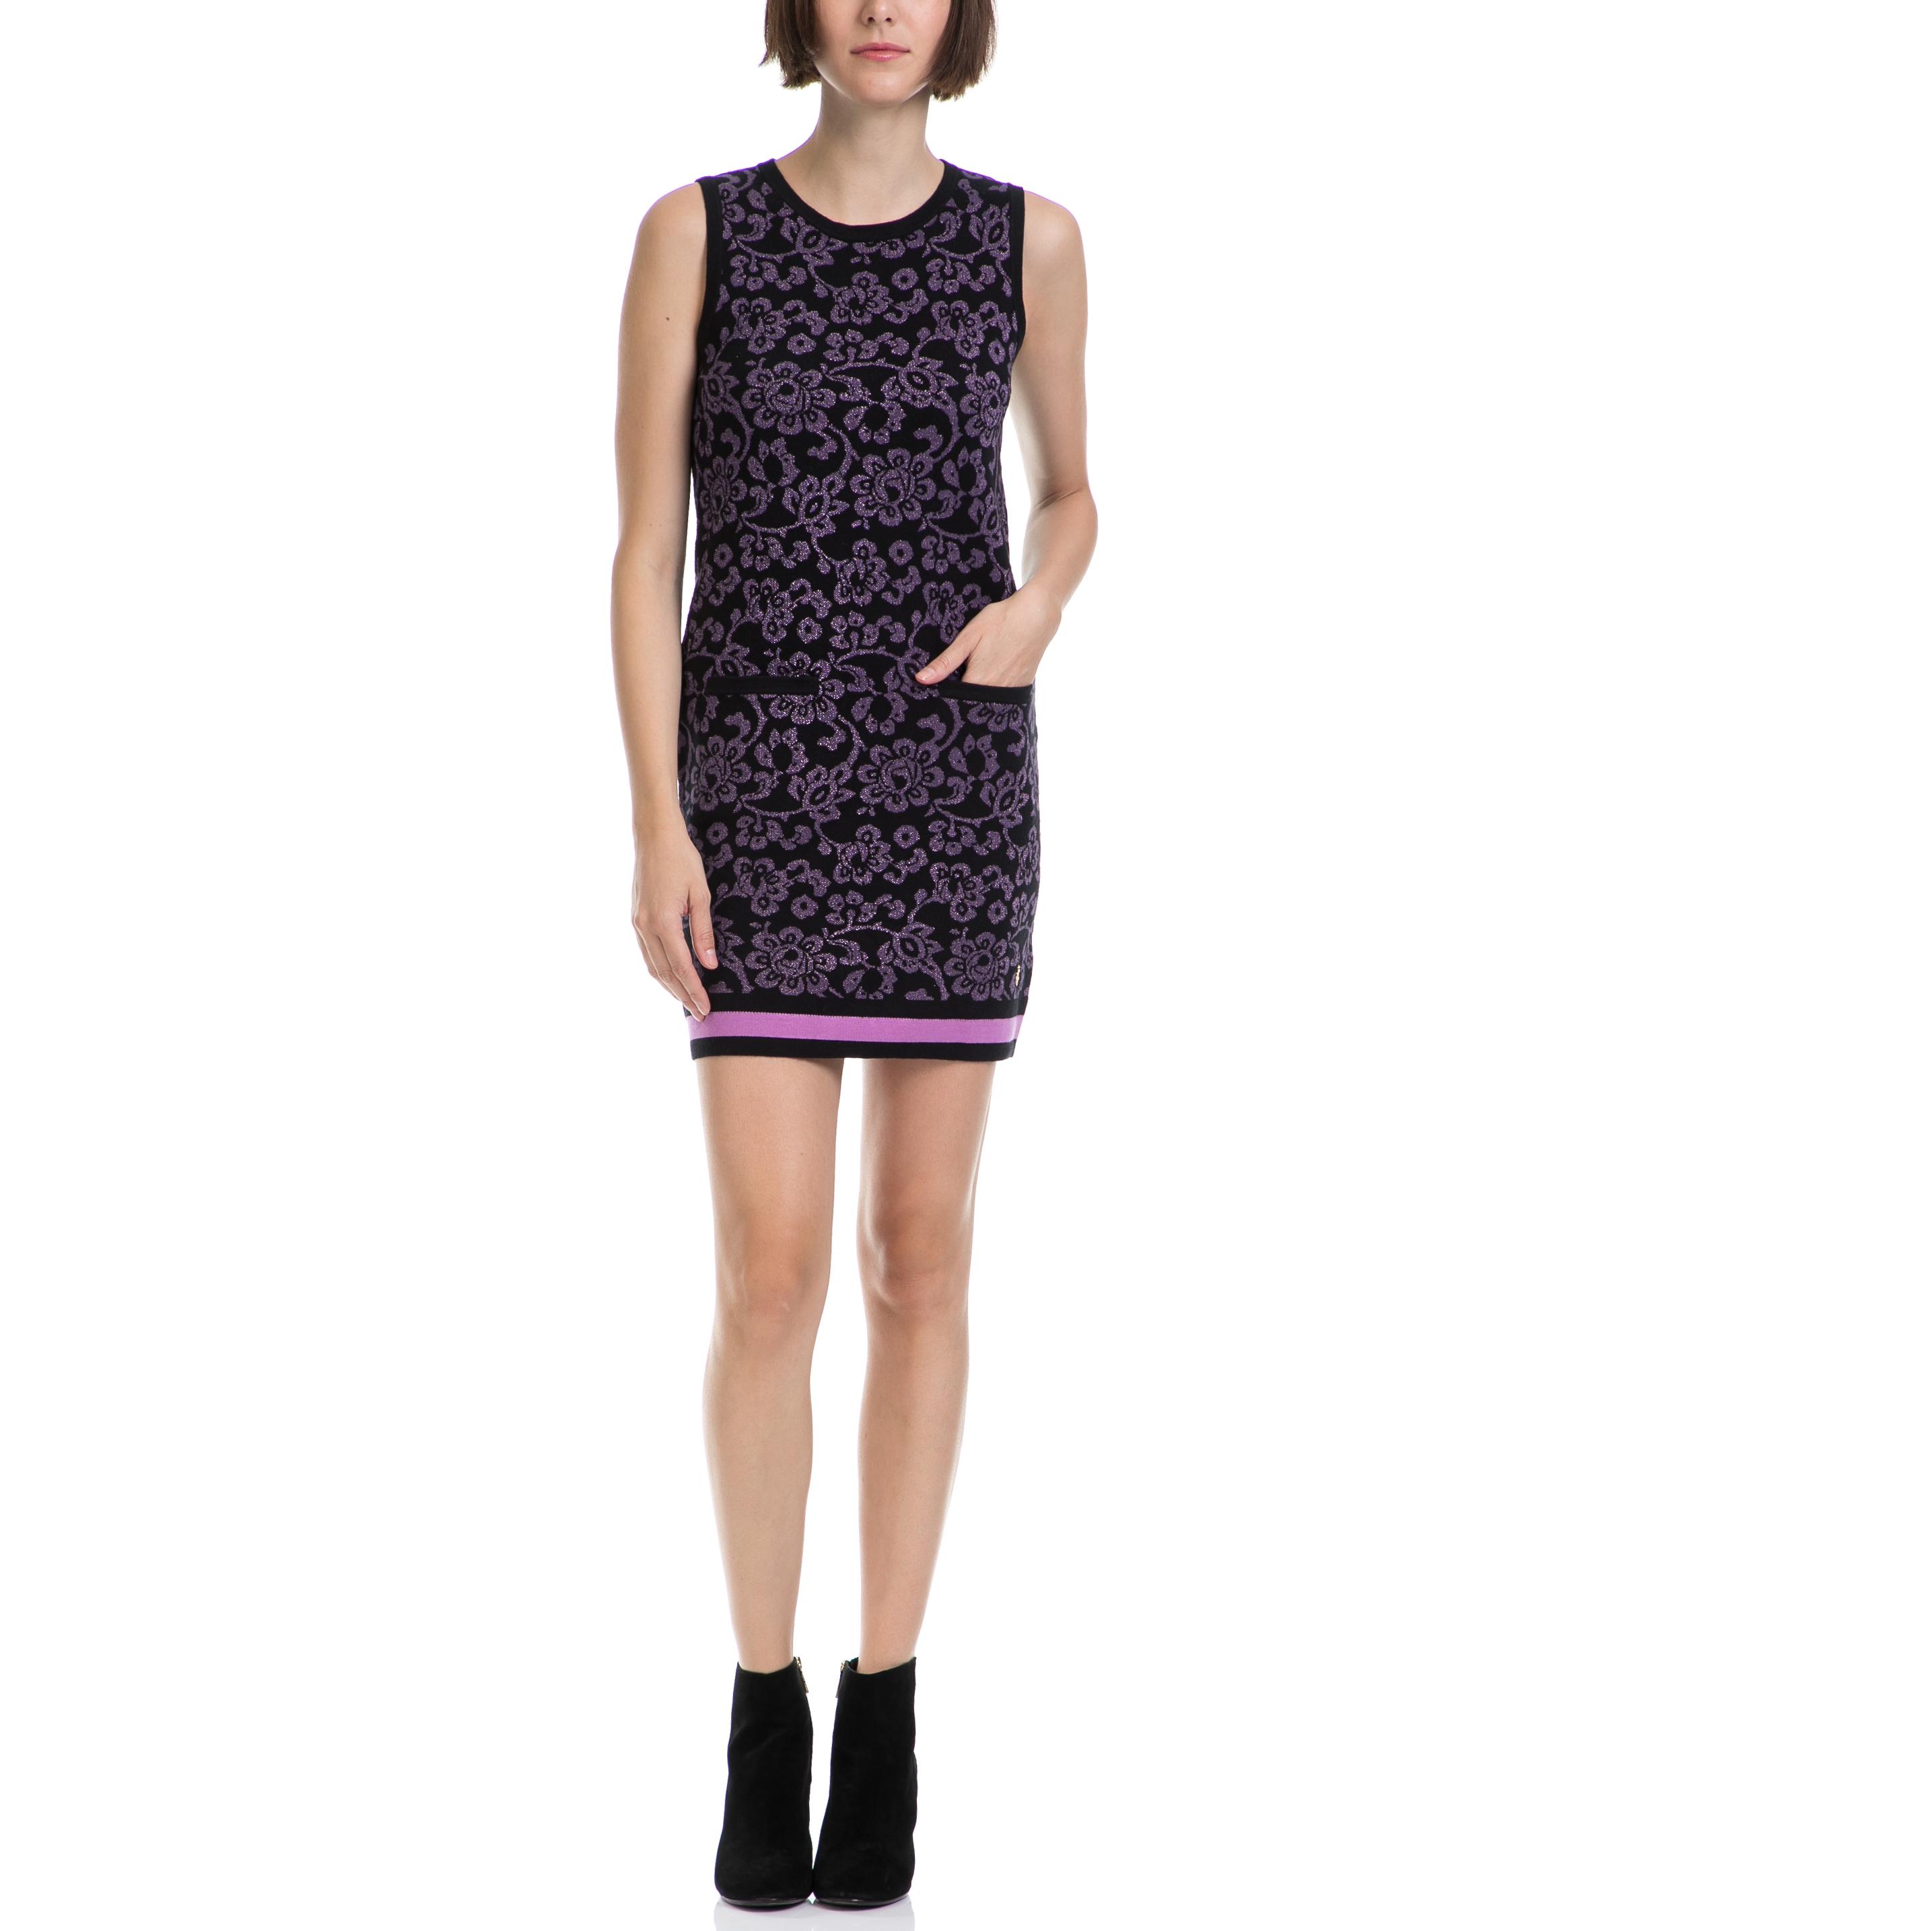 JUICY COUTURE - Γυναικείο φόρεμα JUICY COUTURE μαύρο-μοβ γυναικεία ρούχα φορέματα μίνι